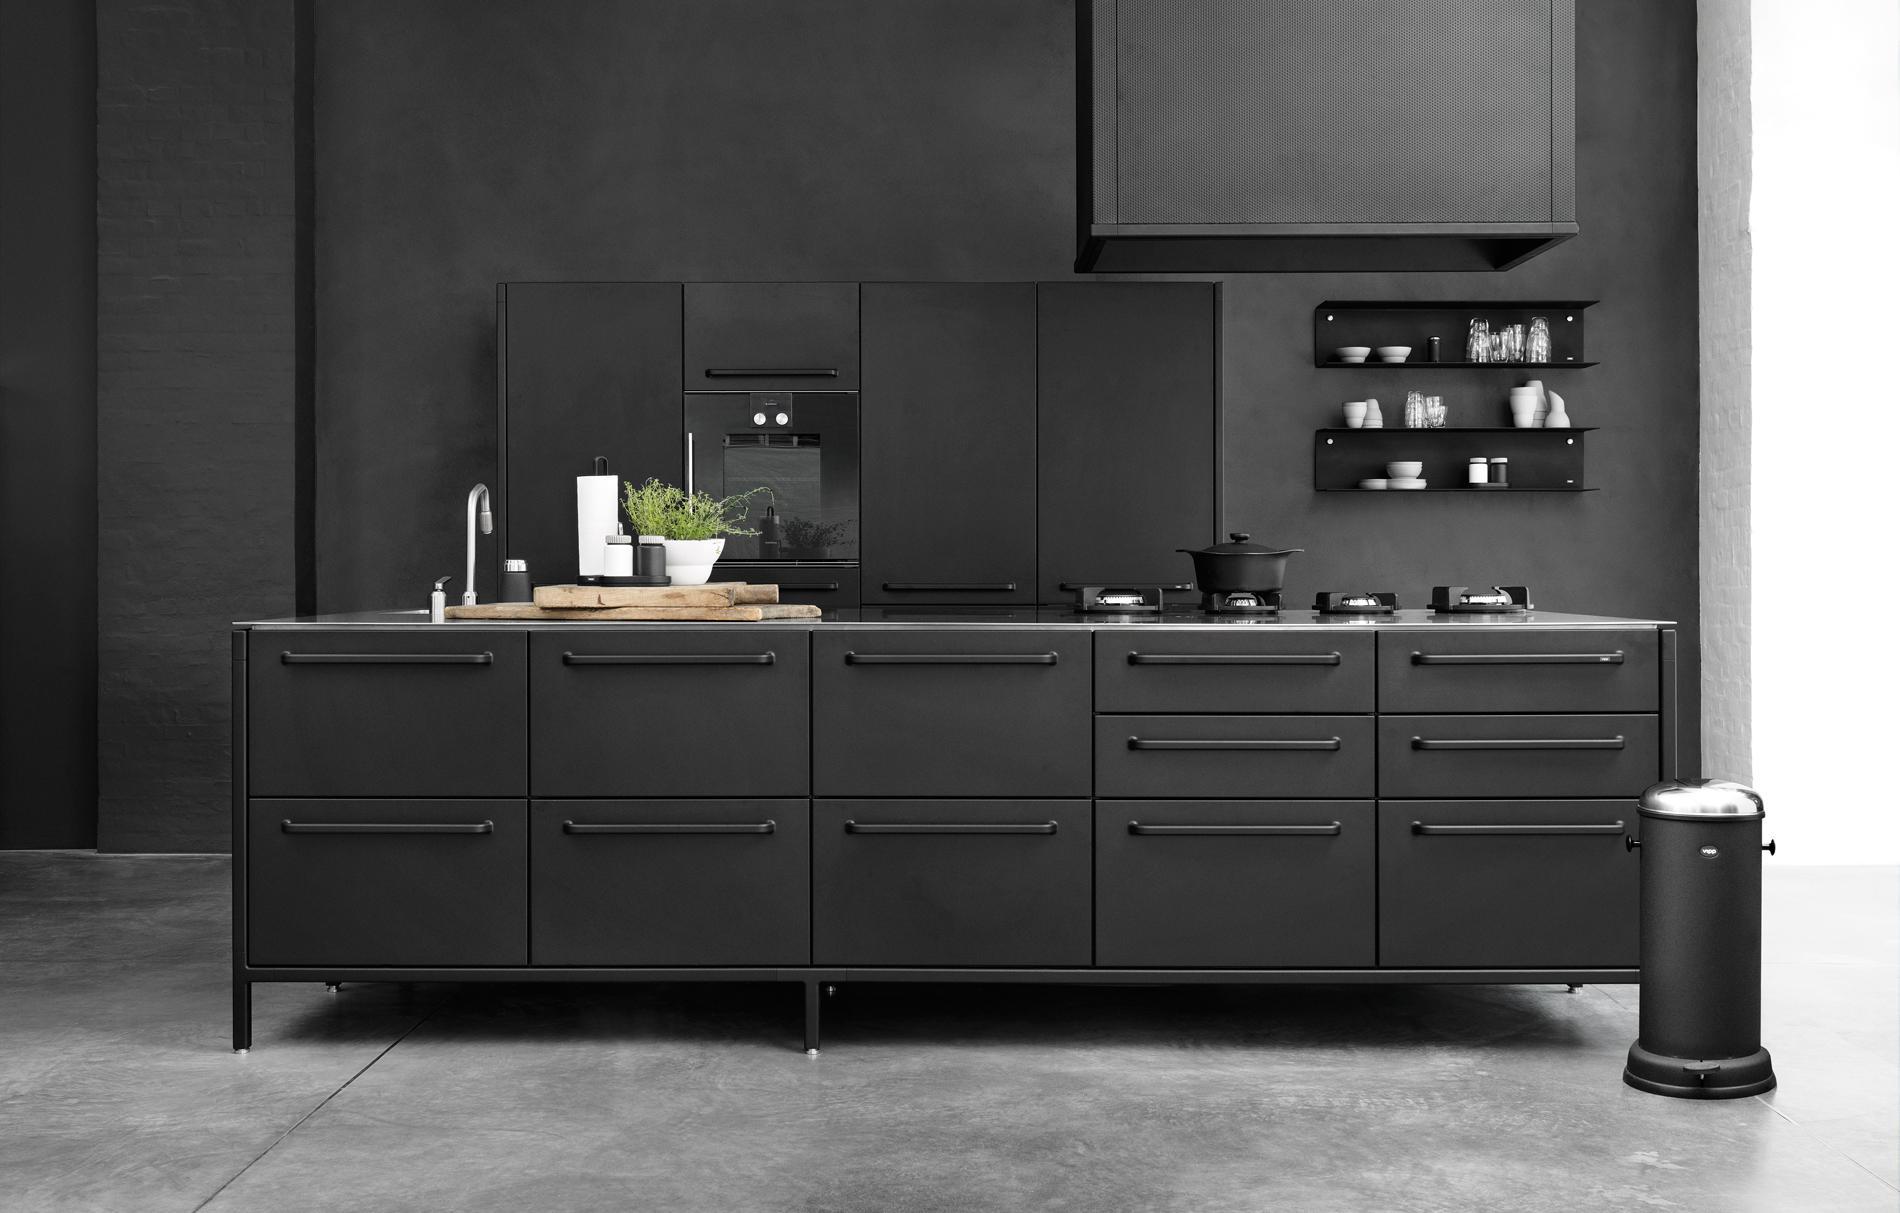 Voir toutes les photos with carrelage cuisine noir brillant for Carrelage cuisine noir brillant